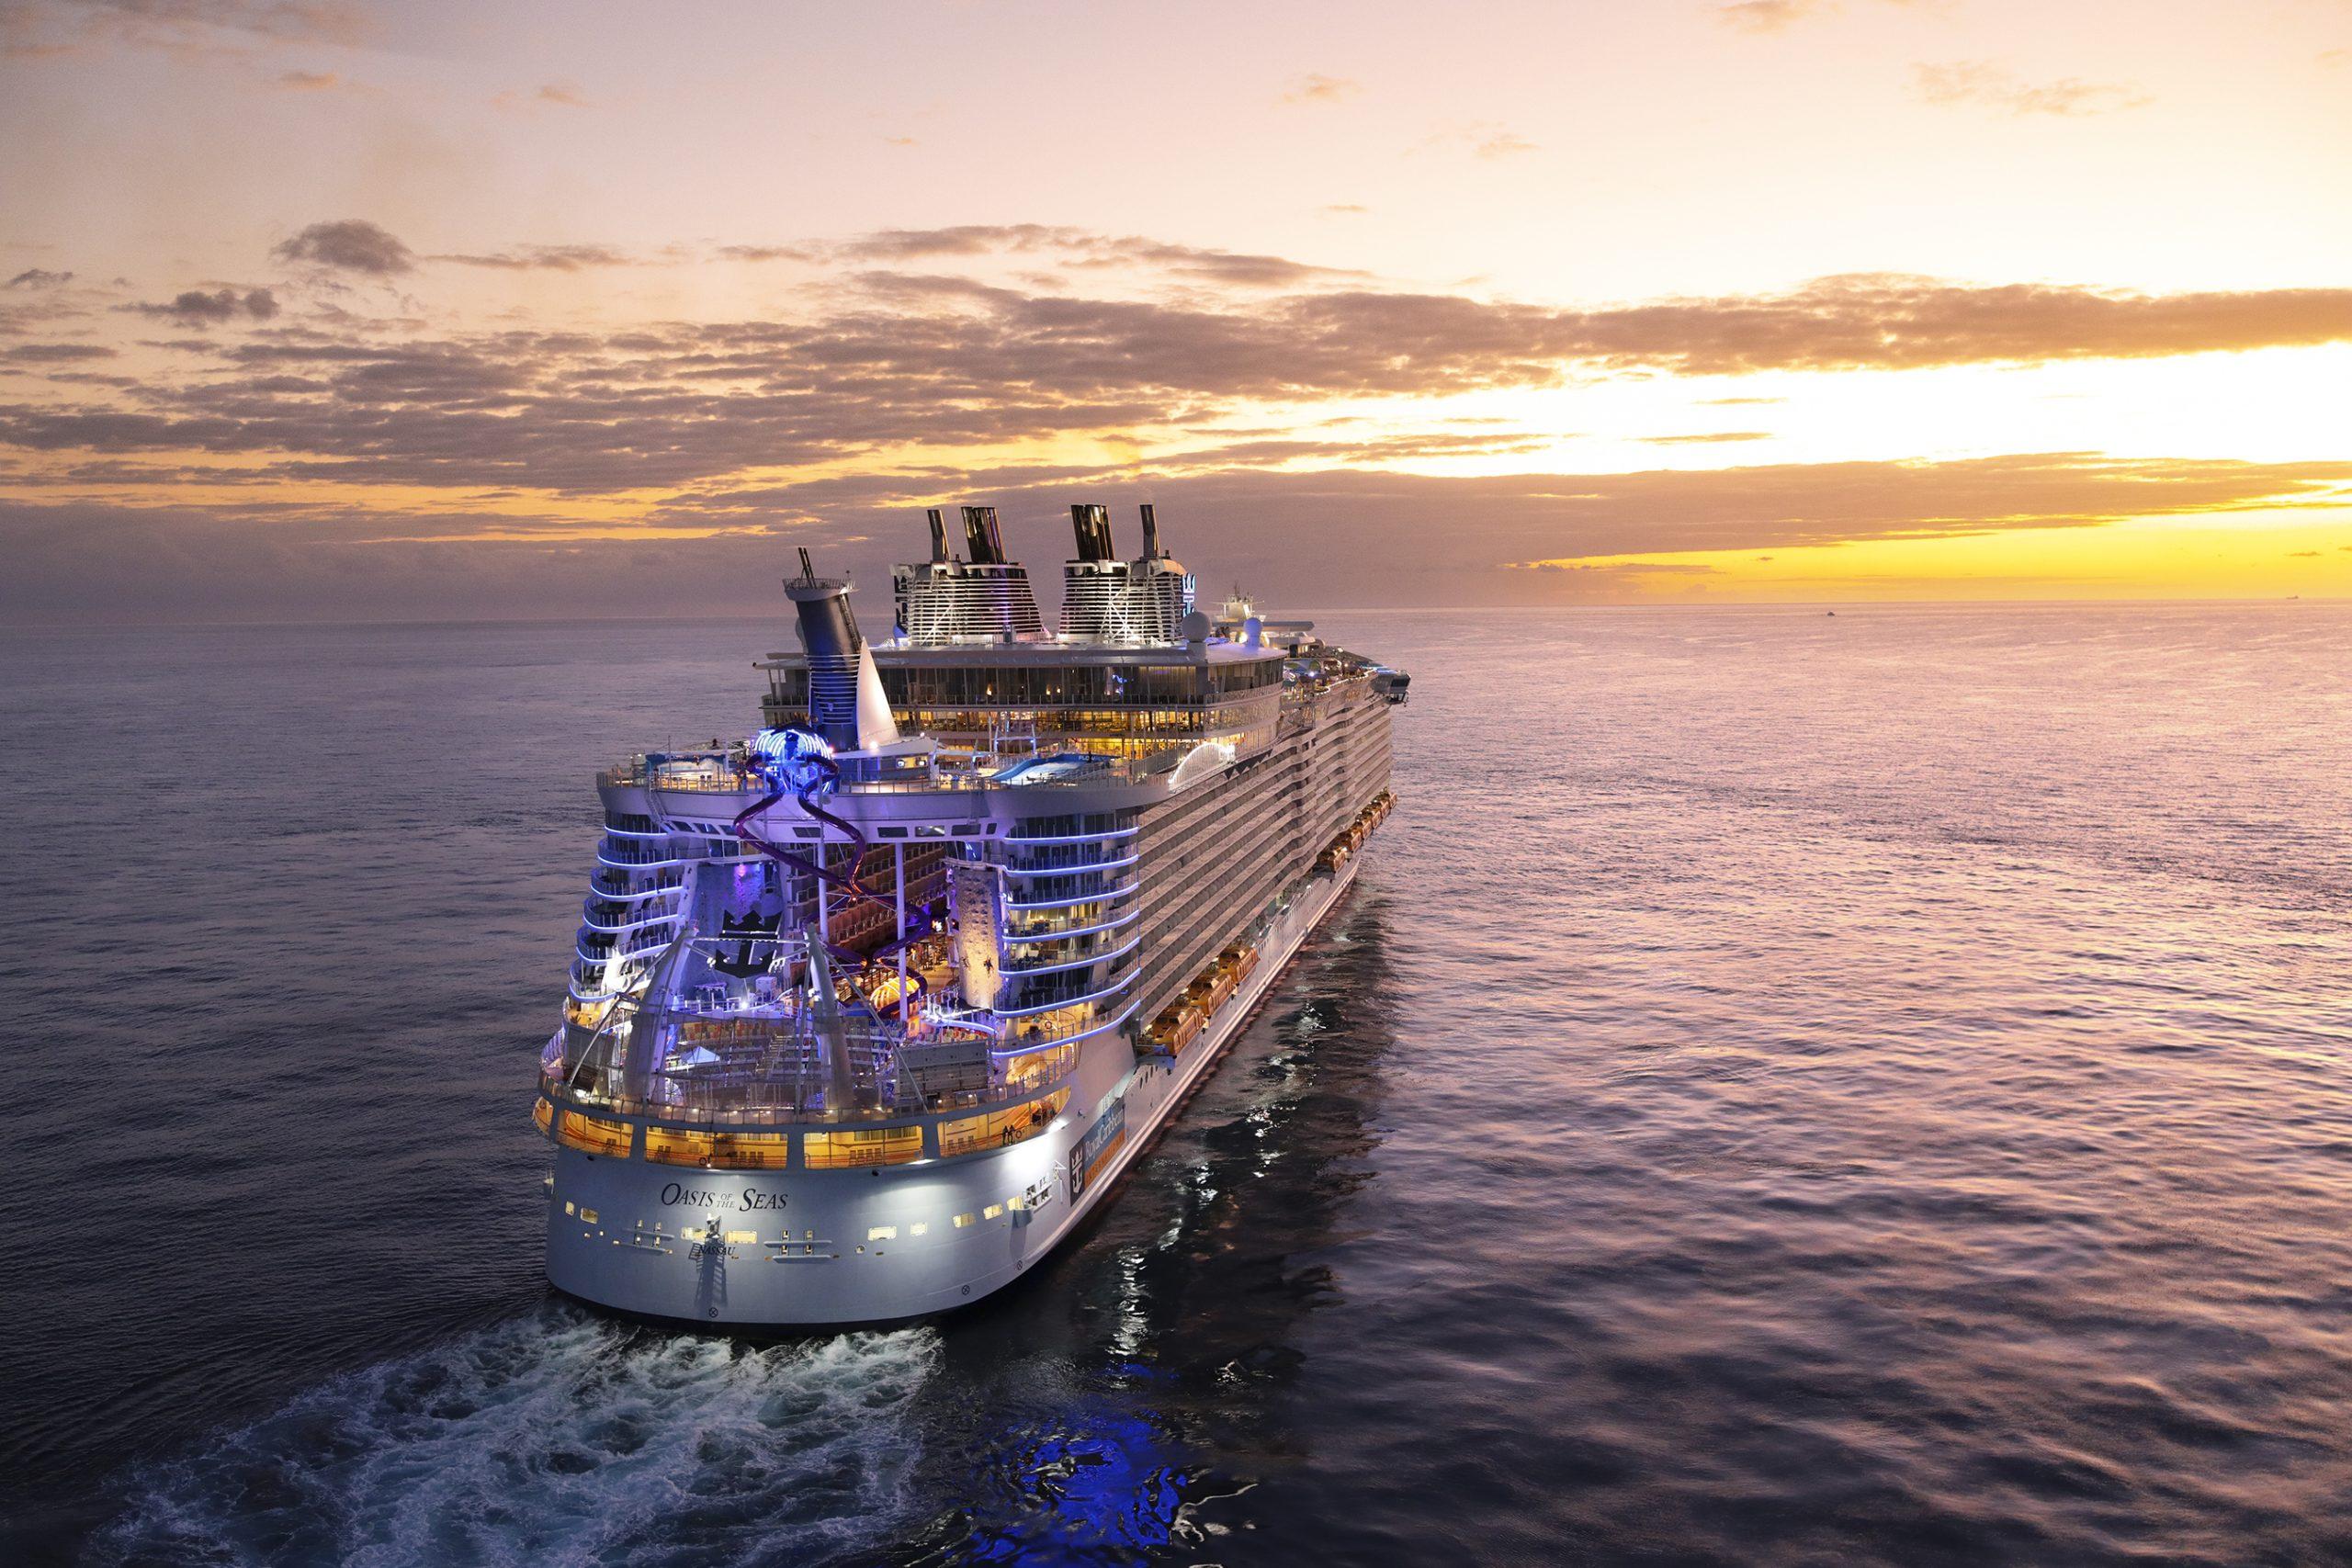 Amerikanske Royal Caribbean International er blandt verdens største krydstogtrederier, også på det danske marked. Nu reduceres antallet af rejsebureau, der sælger dets produkter. Her er et dets mange store skibe, Oasis of the Seas. Pressefoto: Royal Caribbean International.